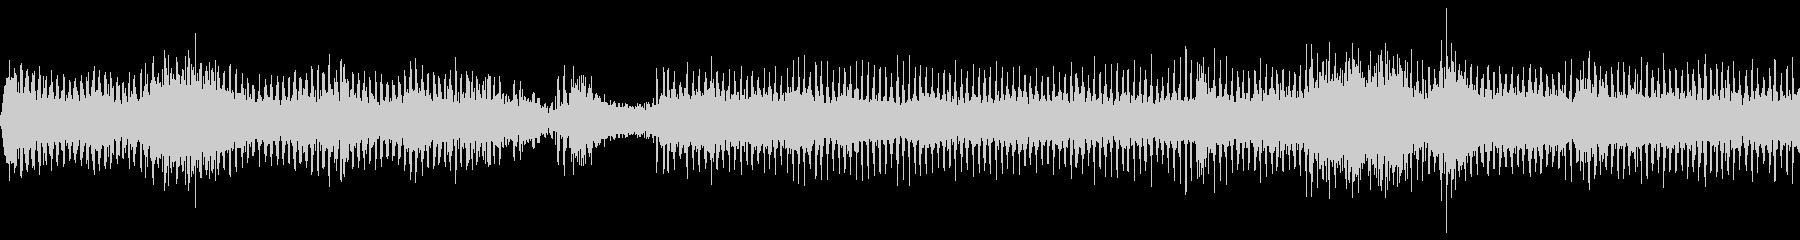 工事現場の機械音の未再生の波形